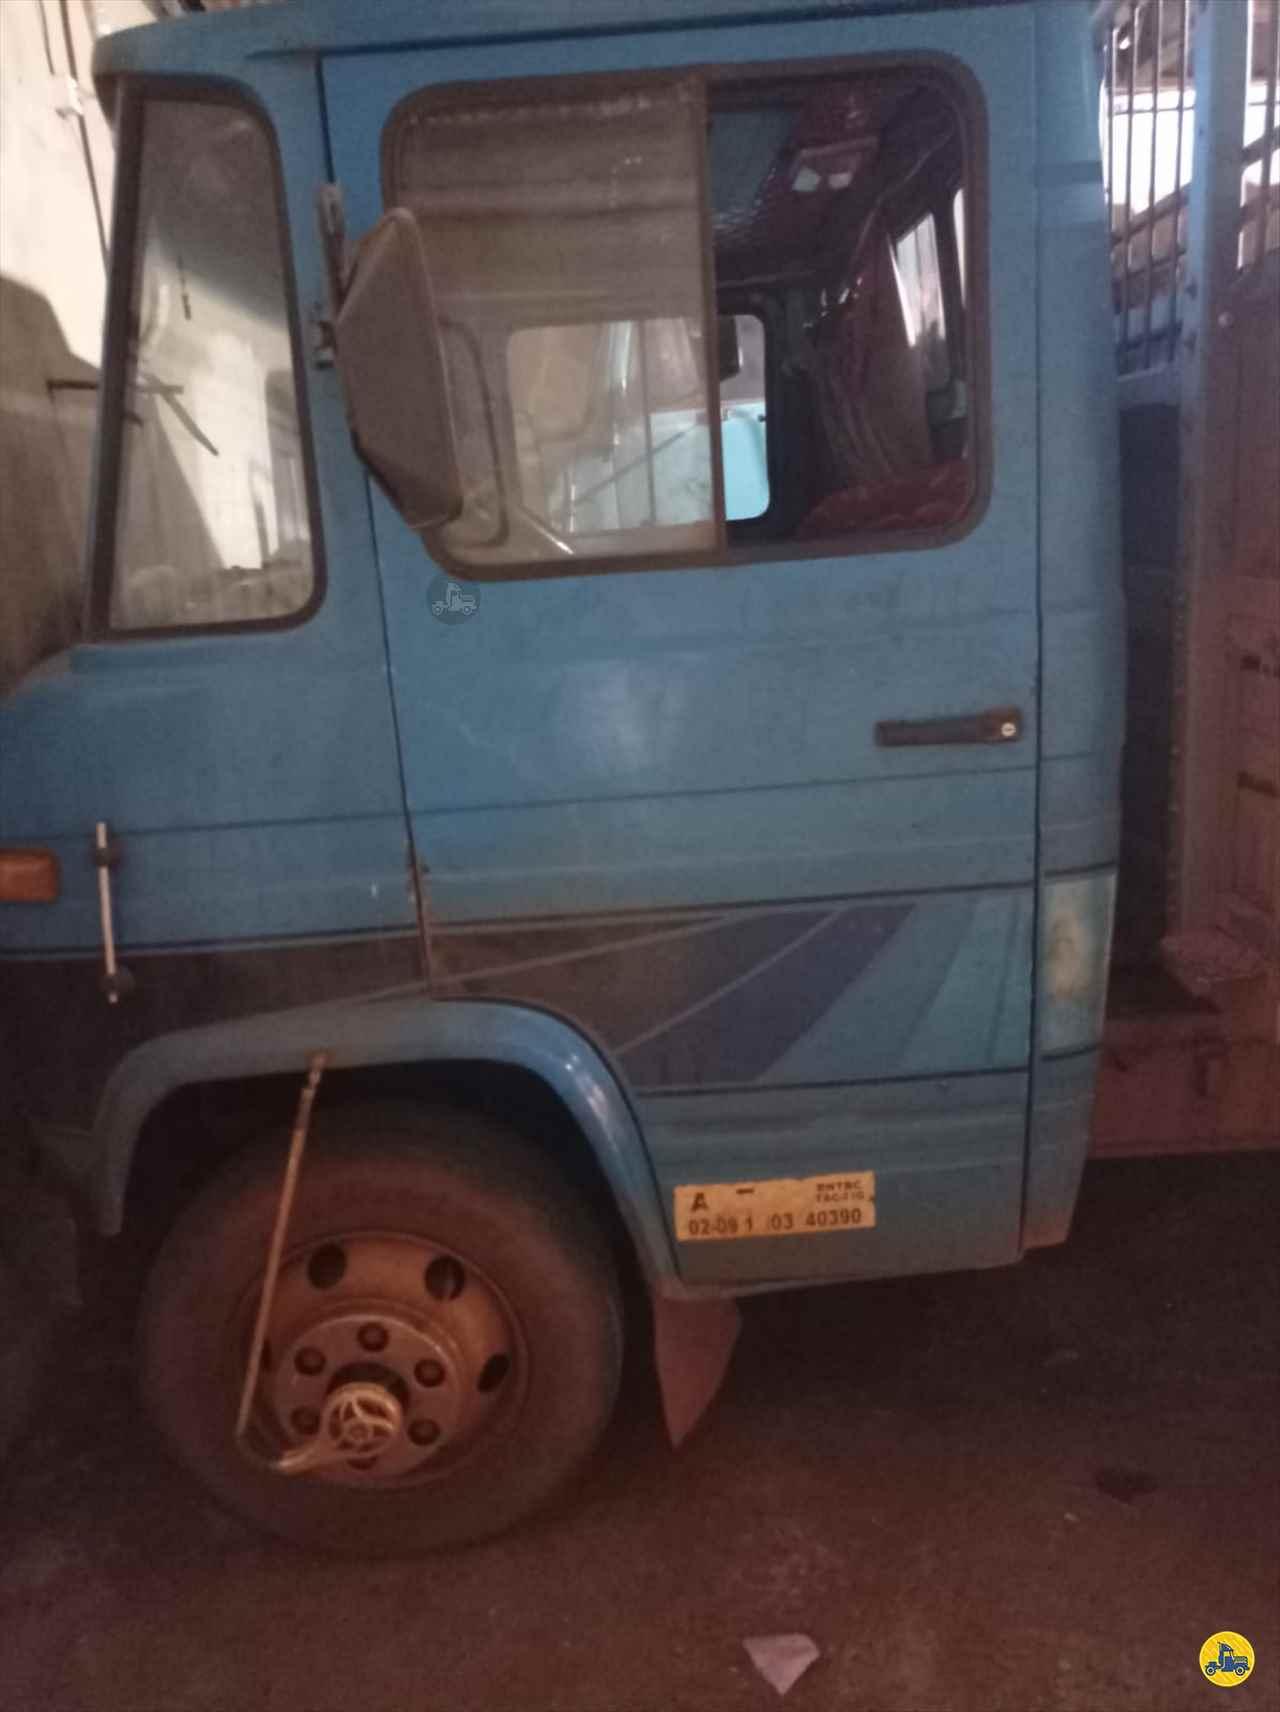 CAMINHAO MERCEDES-BENZ MB 608 Porssionatto Caminhões RIO VERDE GOIAS GO